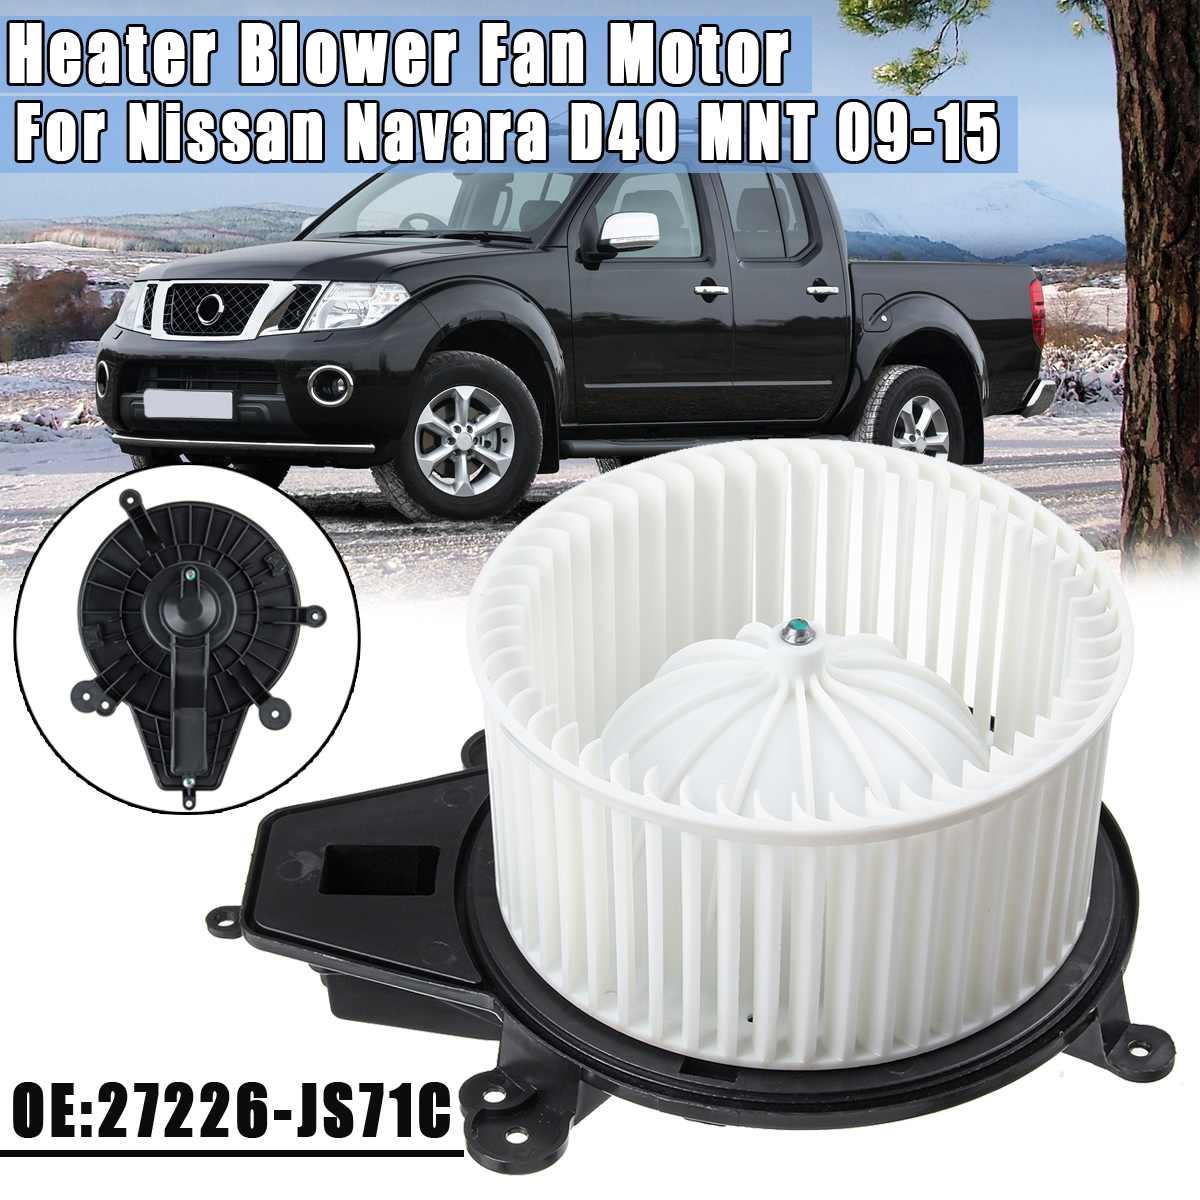 1 PC LHD RHD voiture souffleur d'air chauffage ventilateur chauffage moteur pour Nissan Navara D40 MNT 2009 2010 2011-2015 # 27226-JS71C 27226-JS60B